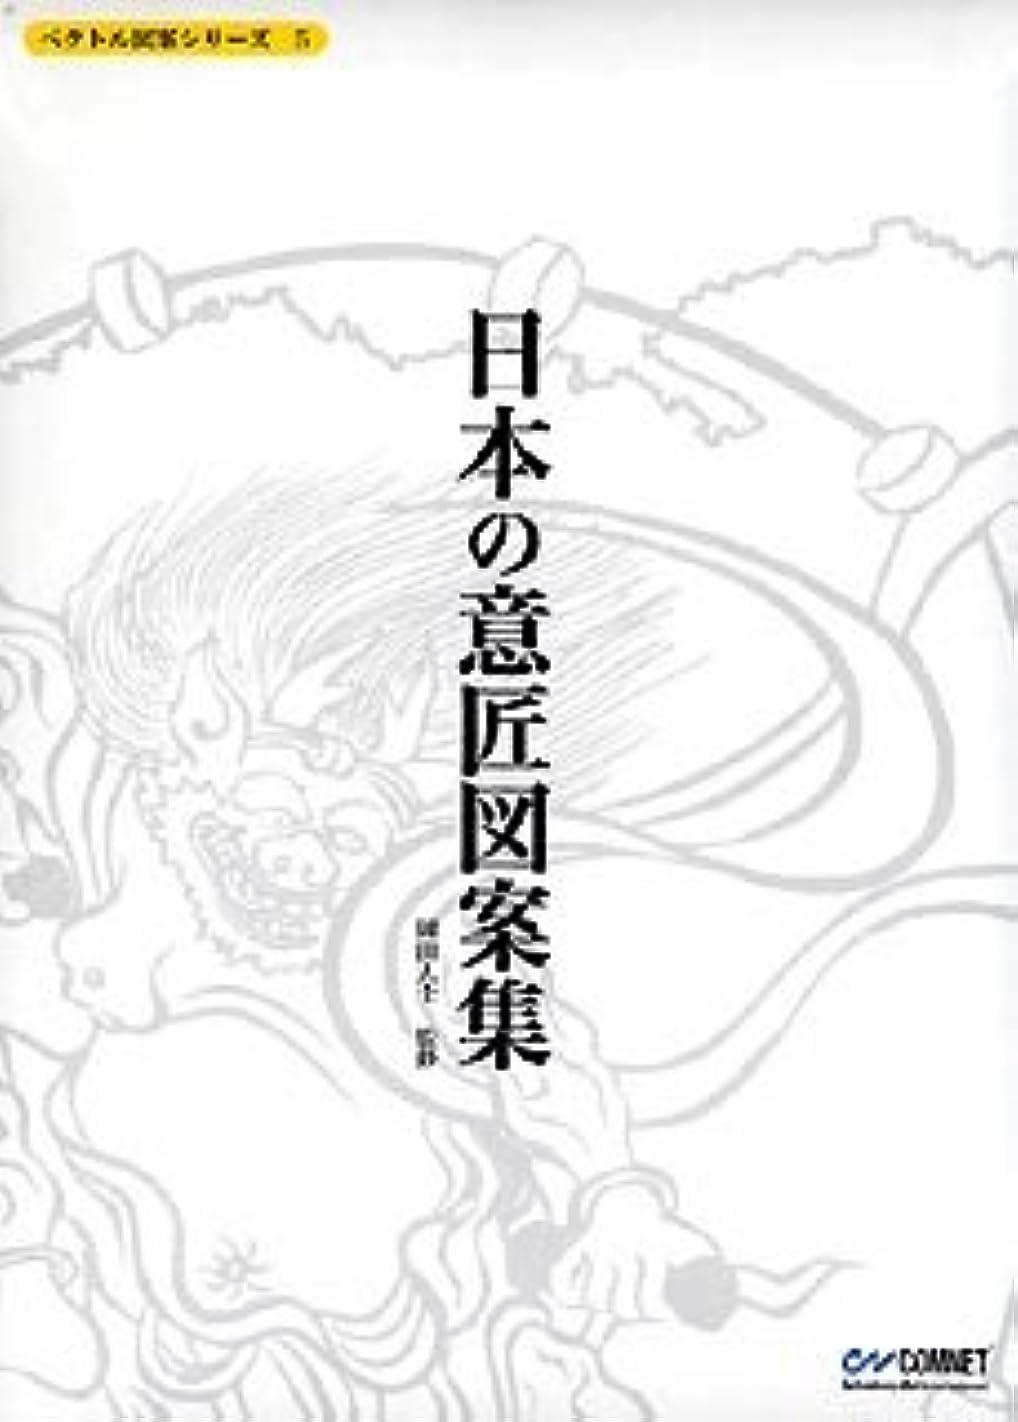 いちゃつくこねる凍結ベクトル図案シリーズ 5 日本の意匠図案集